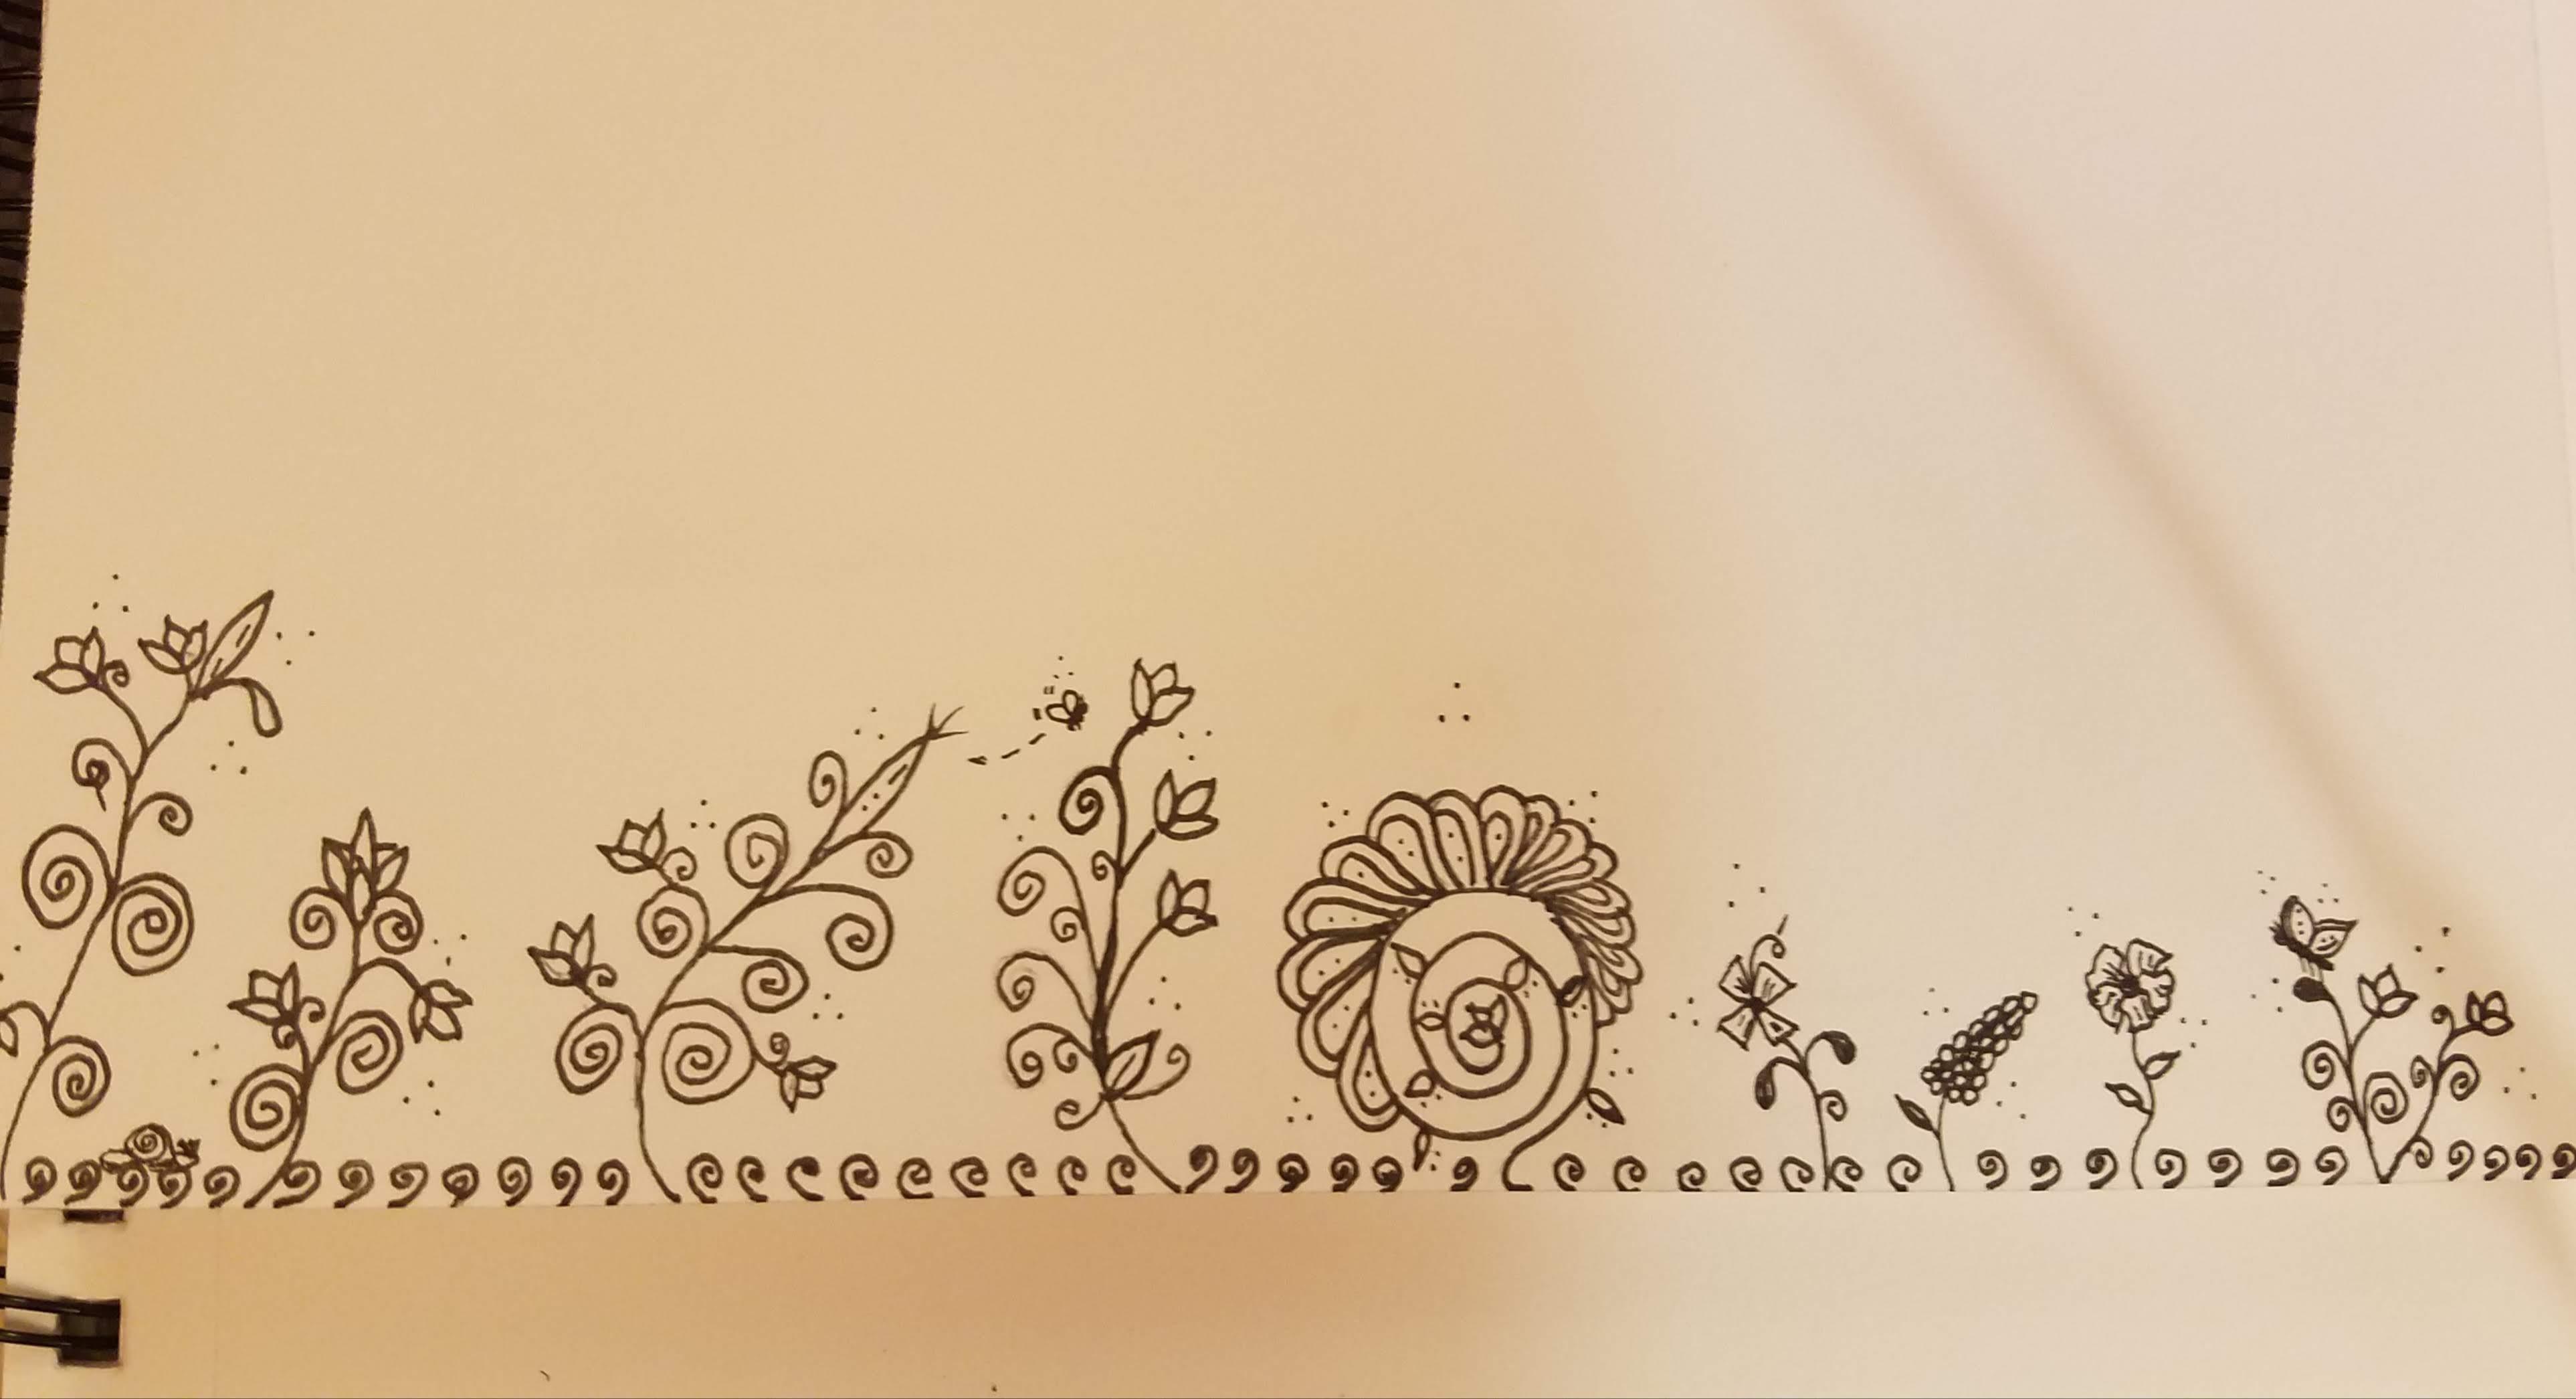 flower-doodle-in-ink